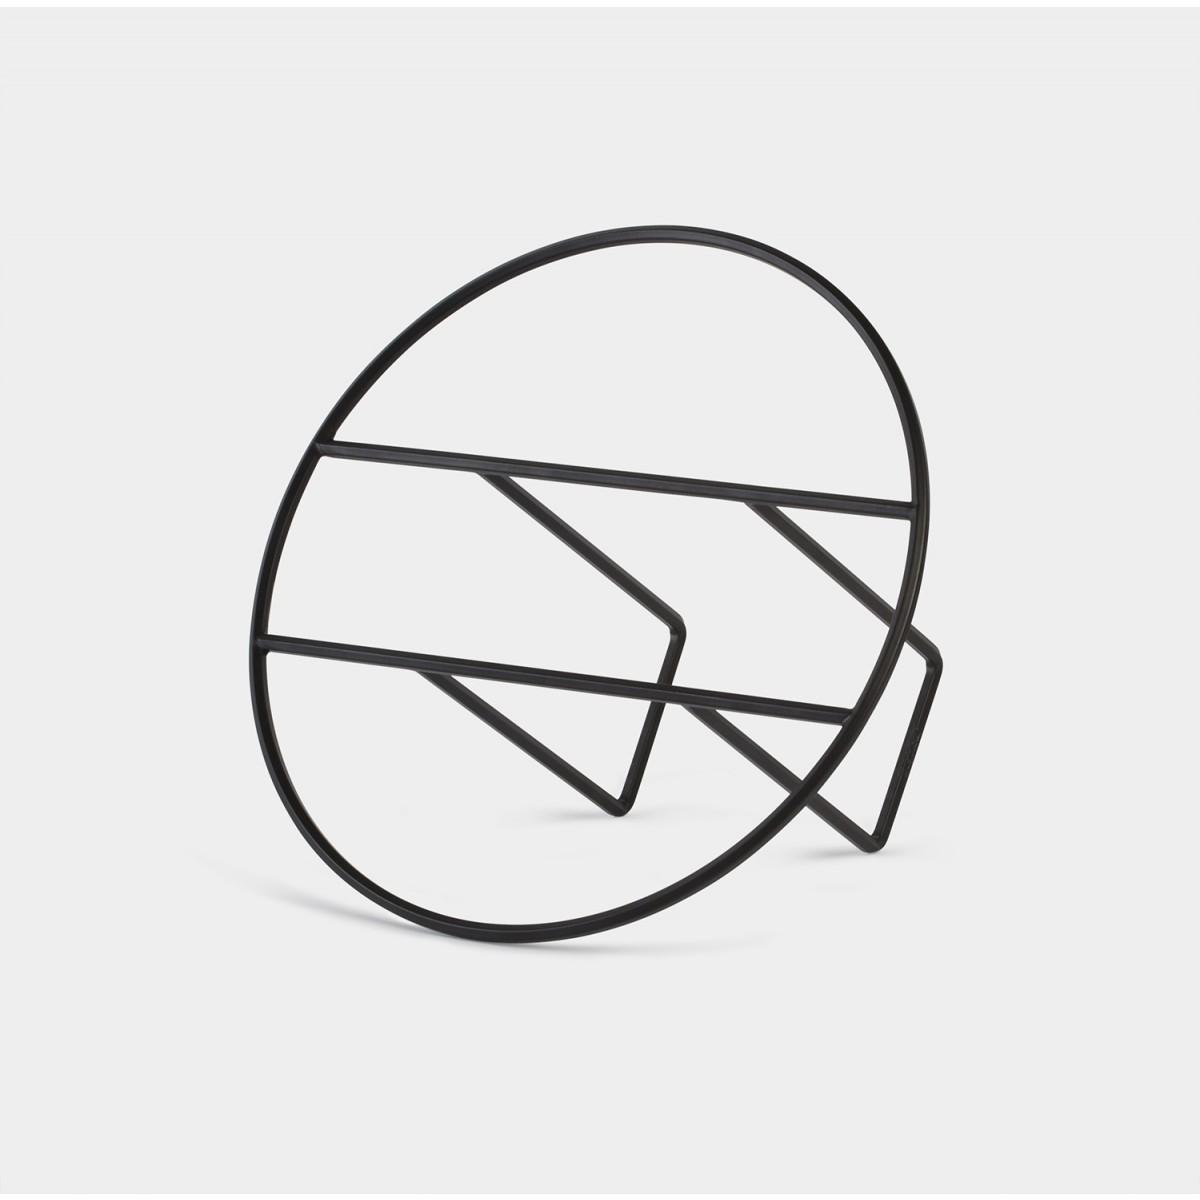 Design_HoopMagazineRack_UmbraShift_02